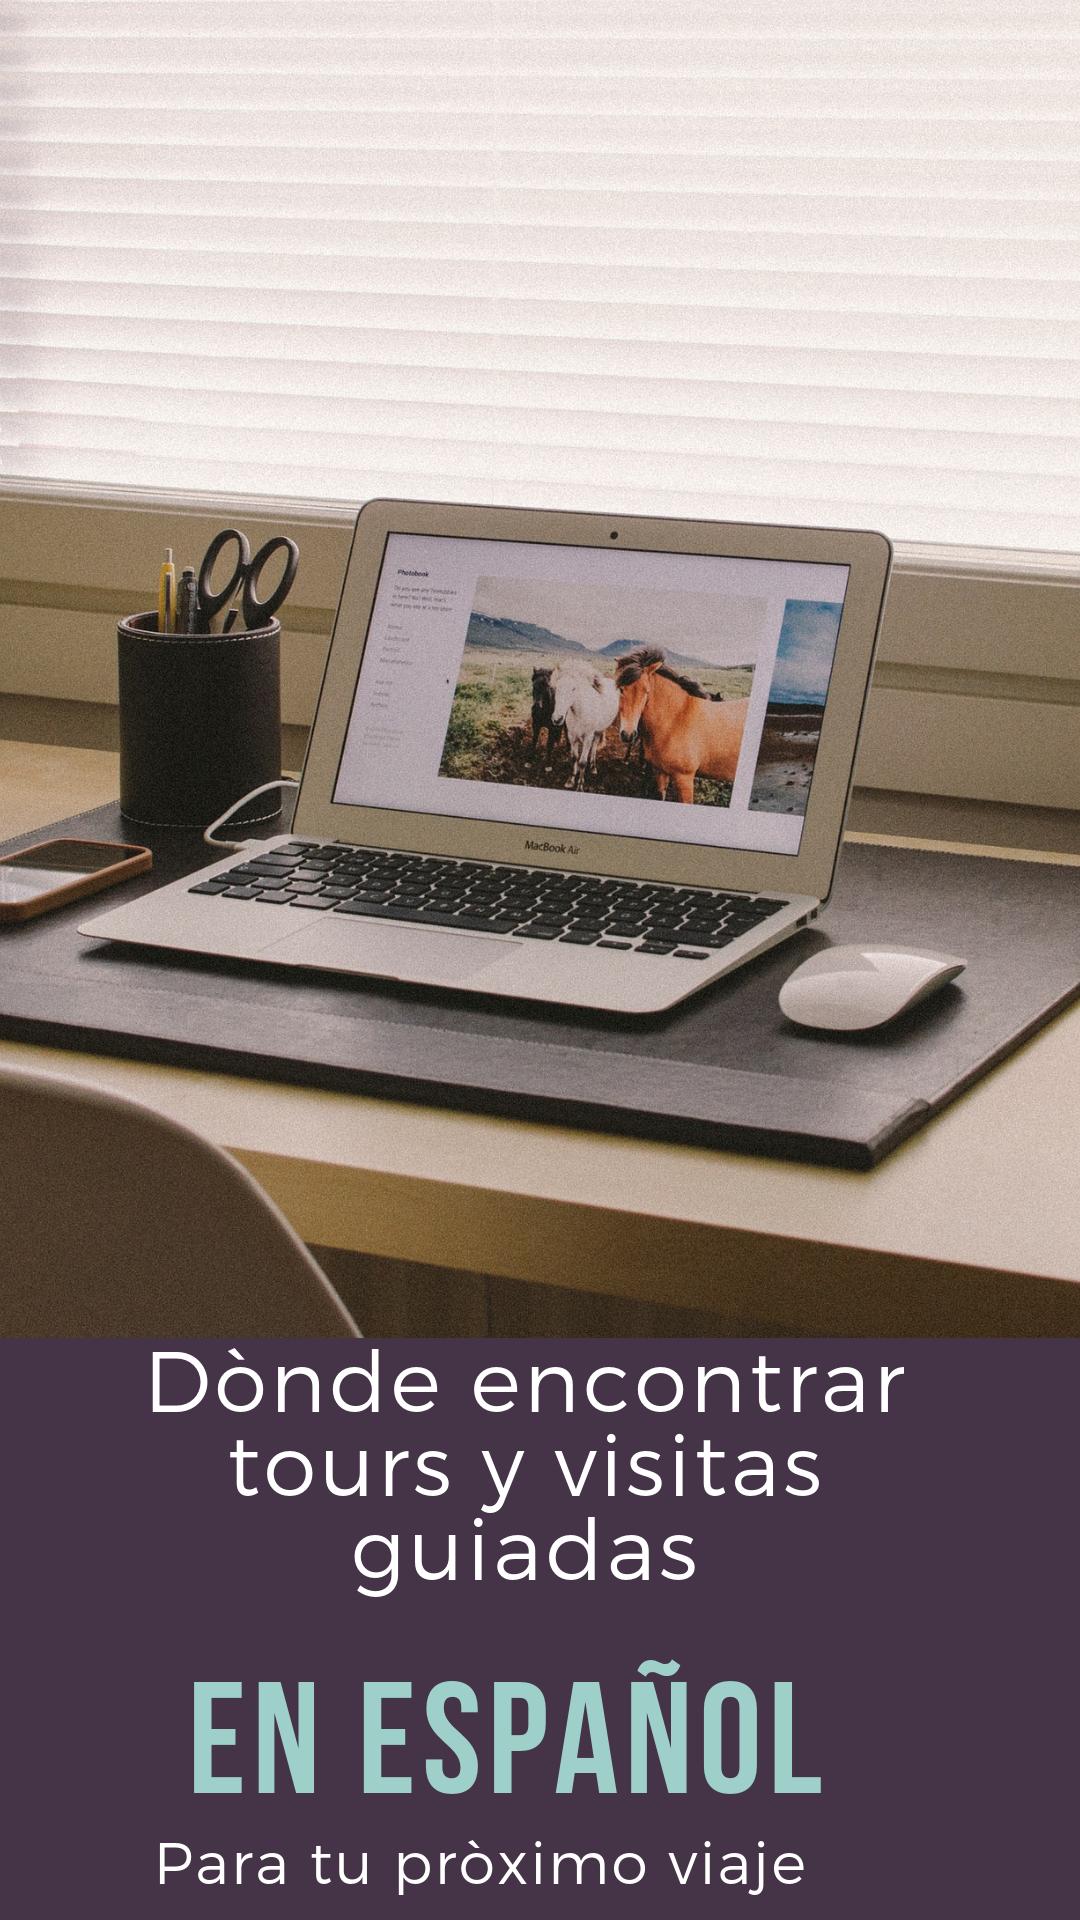 Buscar Una Web Donde Puedas Reservar Un Tour O Una Excursion En Espanol Cuando Viajas Por Si El Ingles No Es Lo Tuyo Viajes Guia De Viaje Destinos Viajes